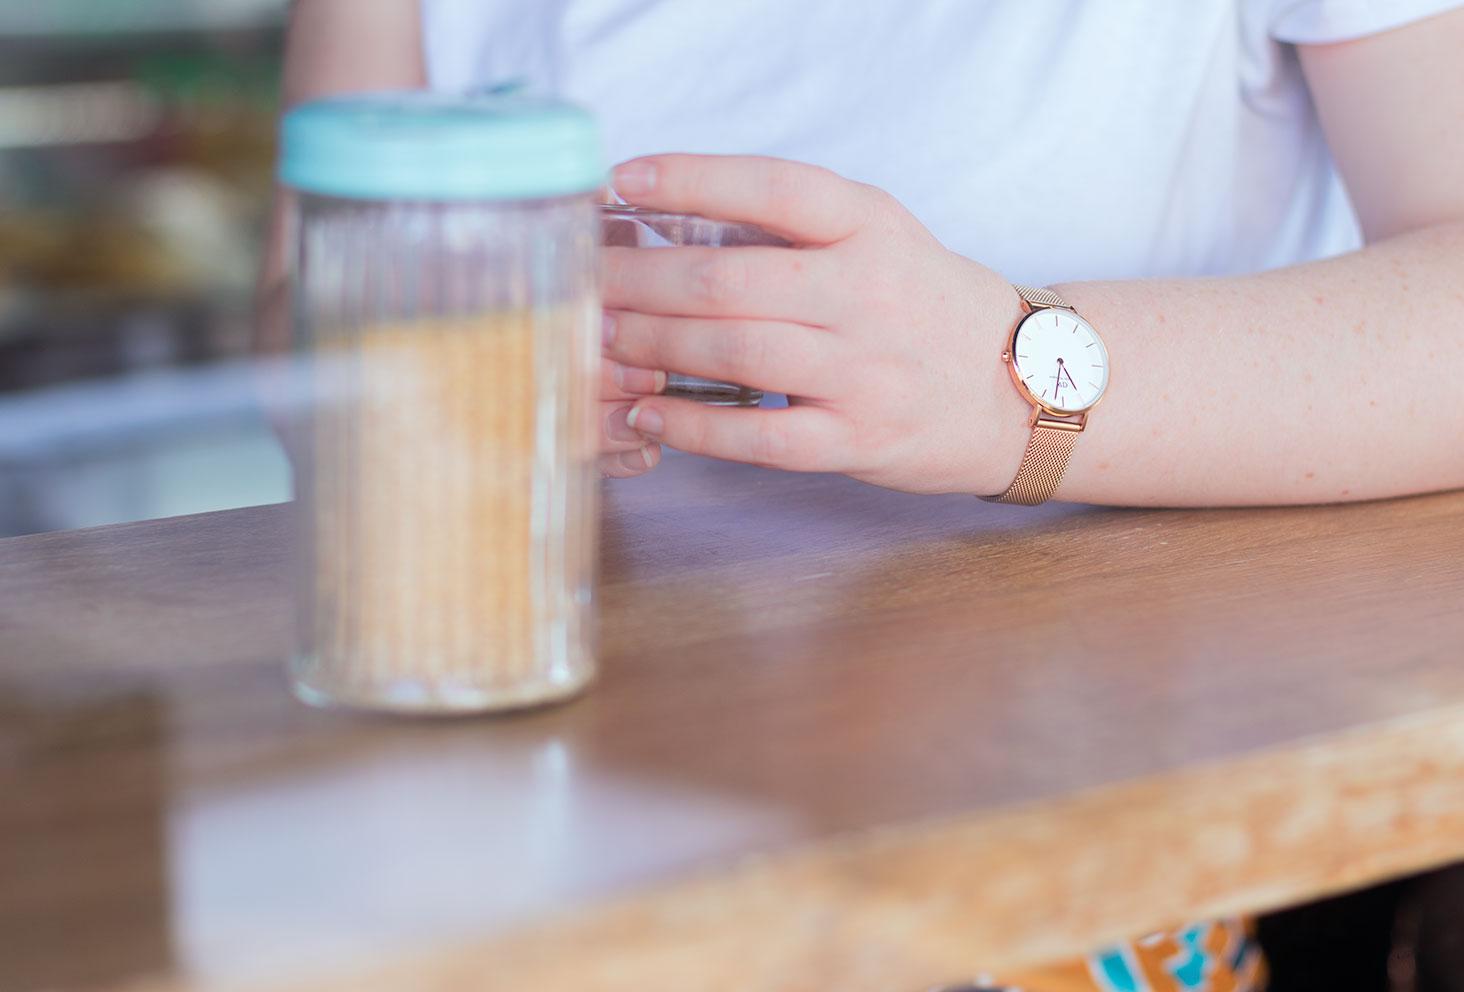 Zoom sur la montre dorée portée, un café dans la main, accoudé sur un bar dans un café de Tours